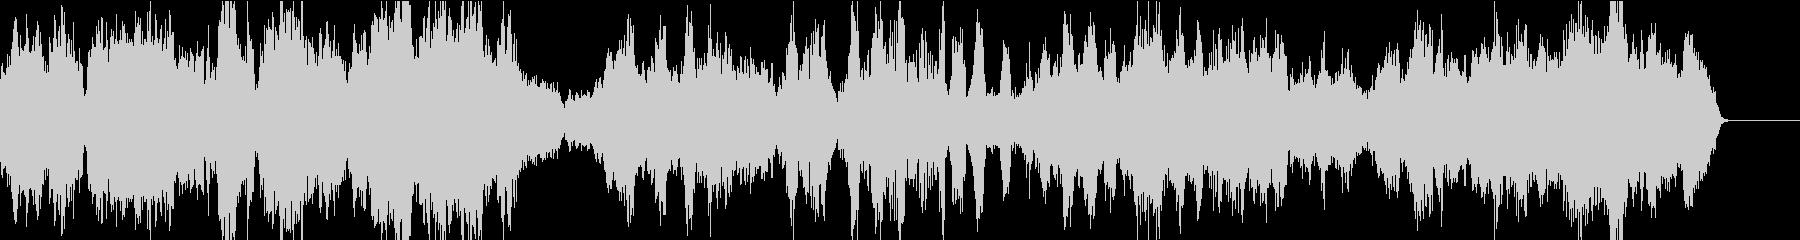 ストリングスと二胡の癒しのアンサンブルの未再生の波形